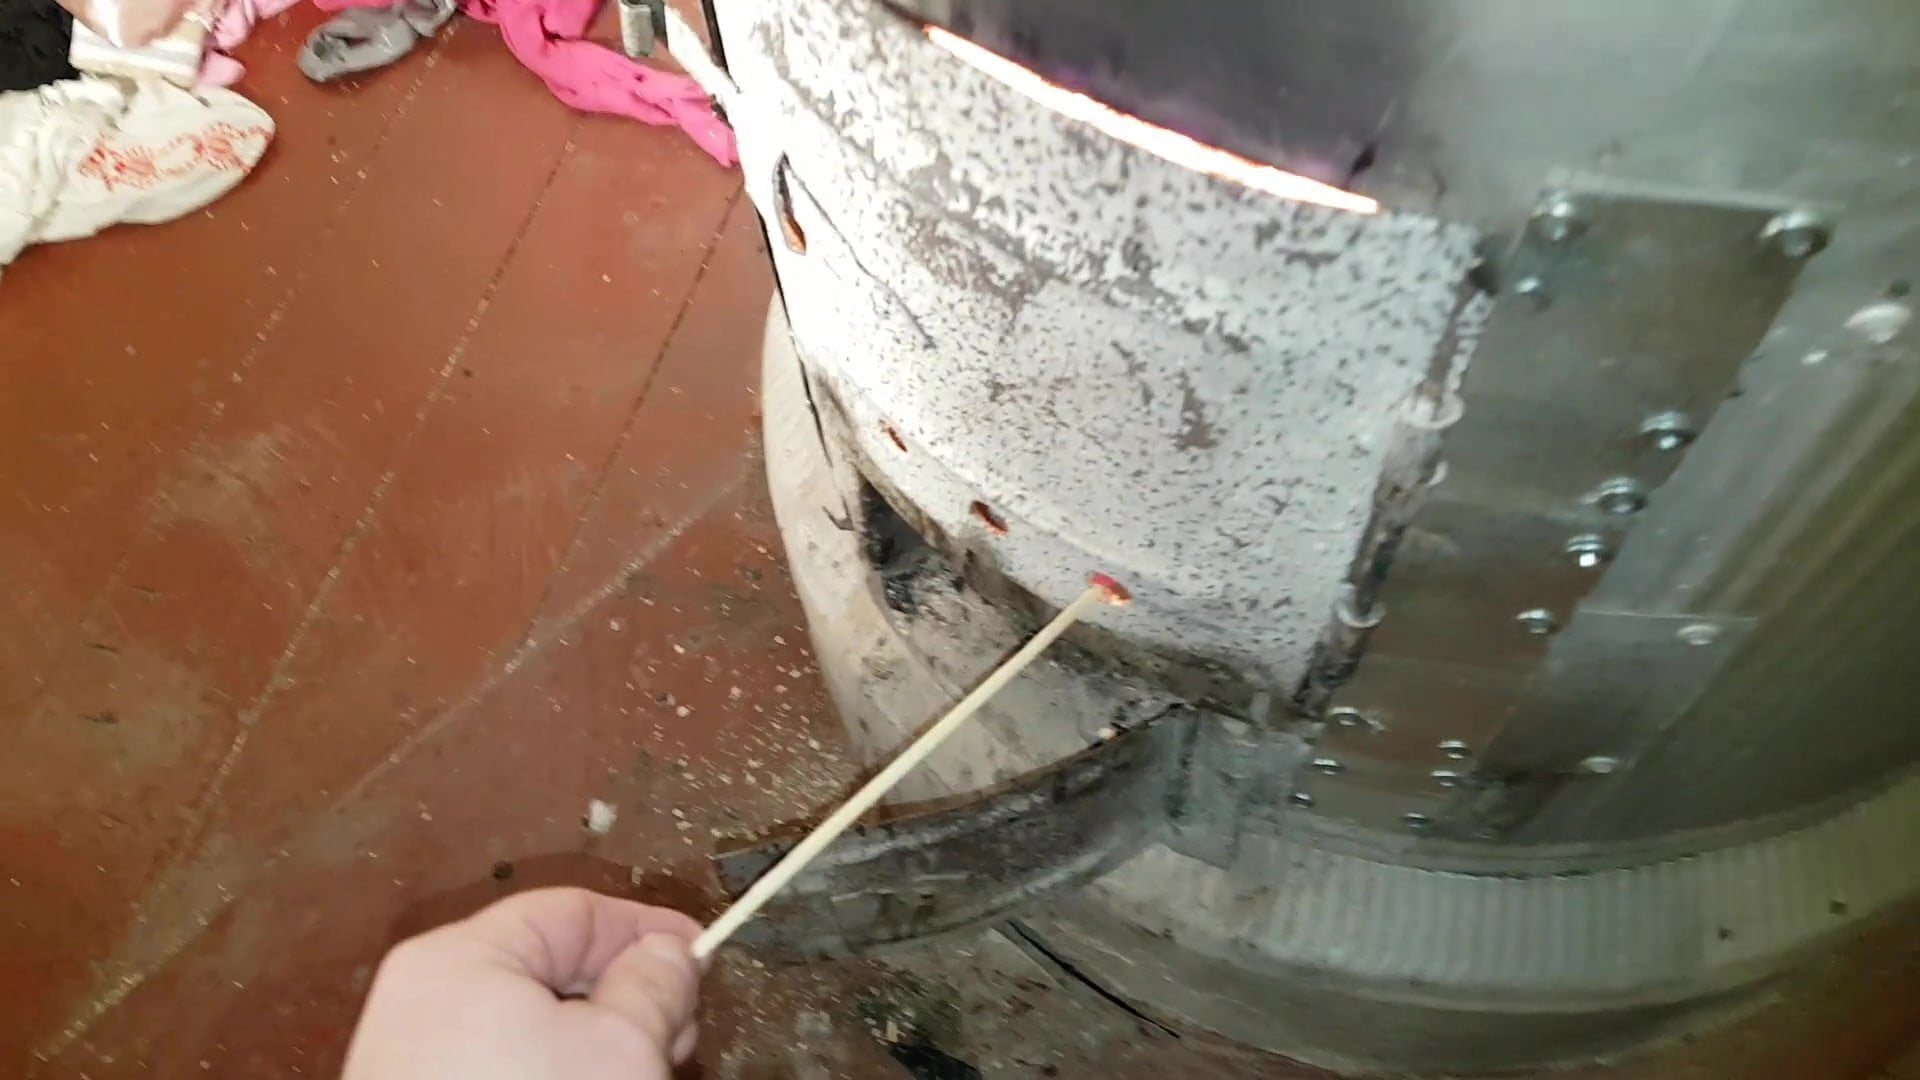 Burning satin garments